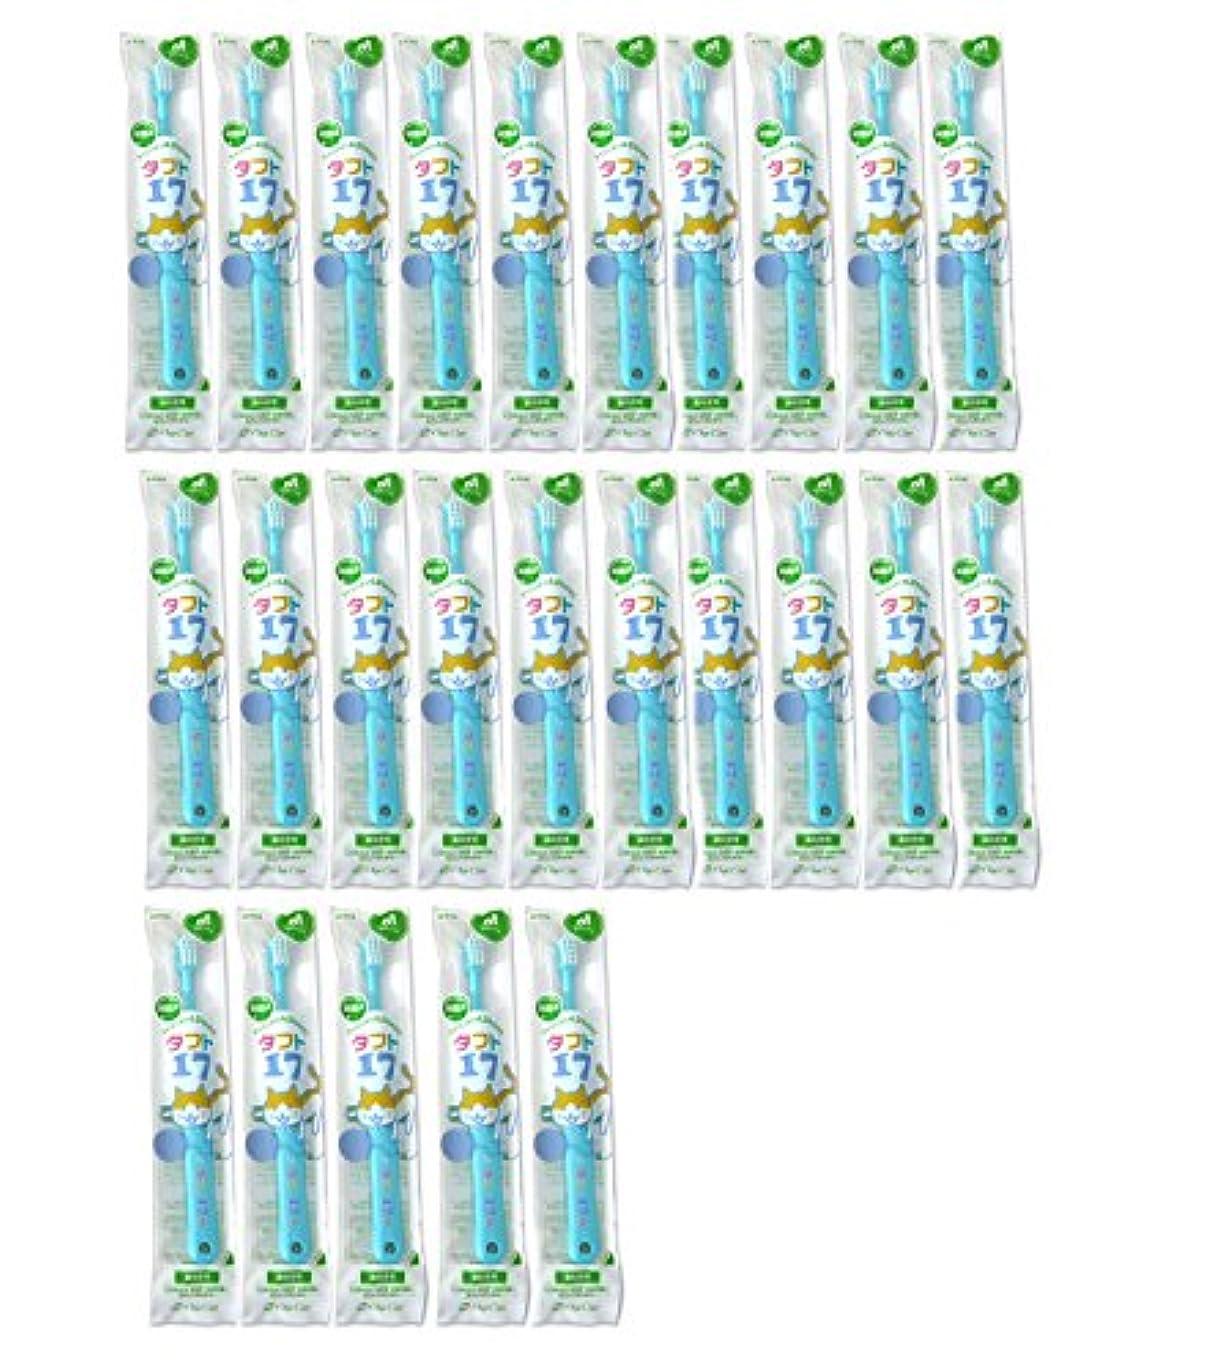 ダム一回兄弟愛タフト17 25本 オーラルケア 【タフト17/ミディアム 子供】 乳歯列(1~7歳用)こども歯ブラシ便不 ブルー